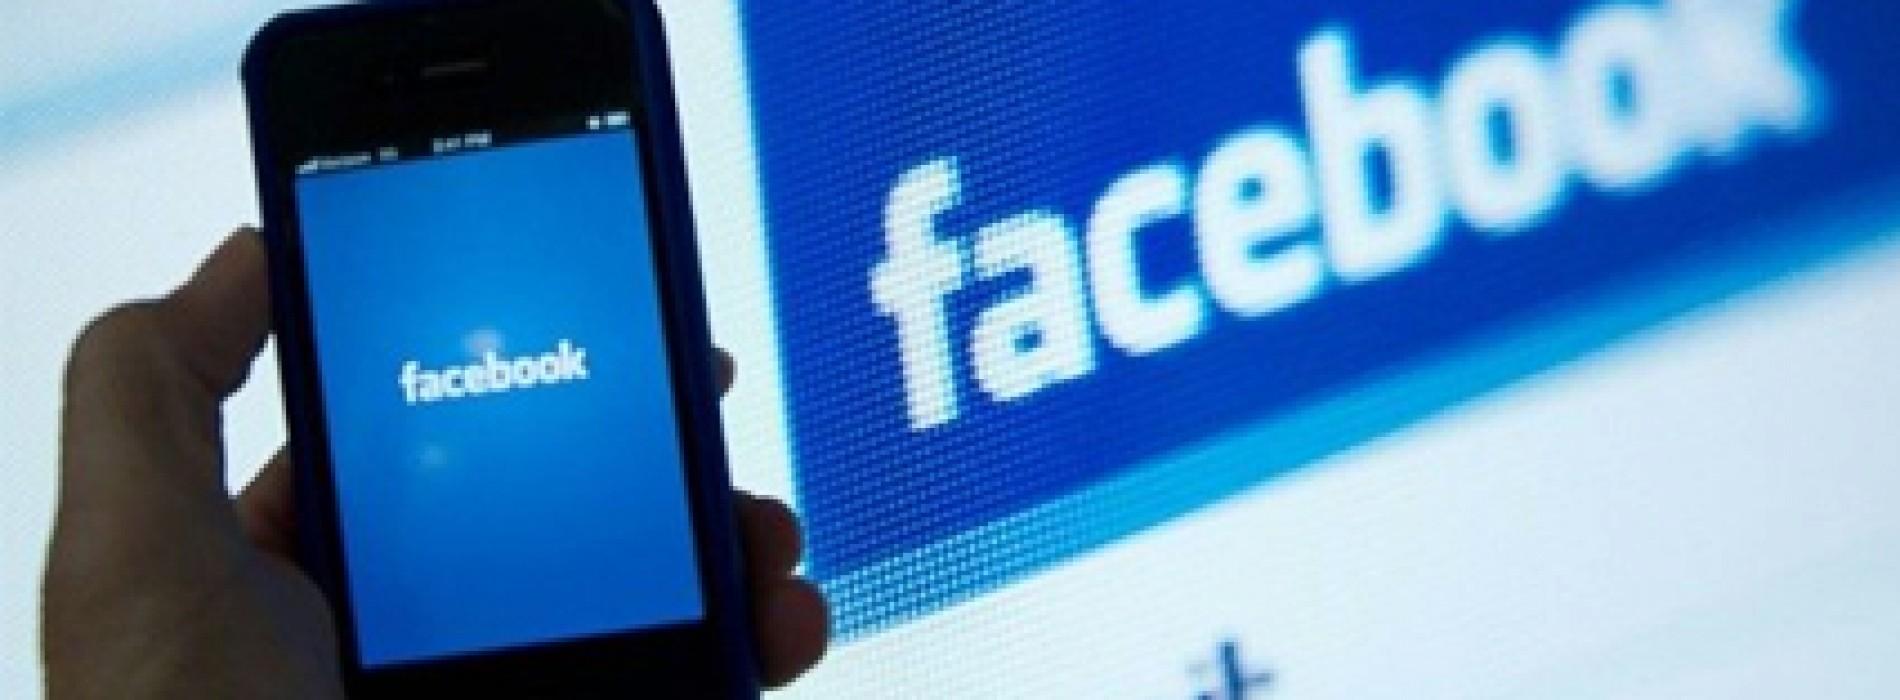 اداة من فيس بوك لطمئنة الاصدقاء والعائلة اثناء حصول الكوارث